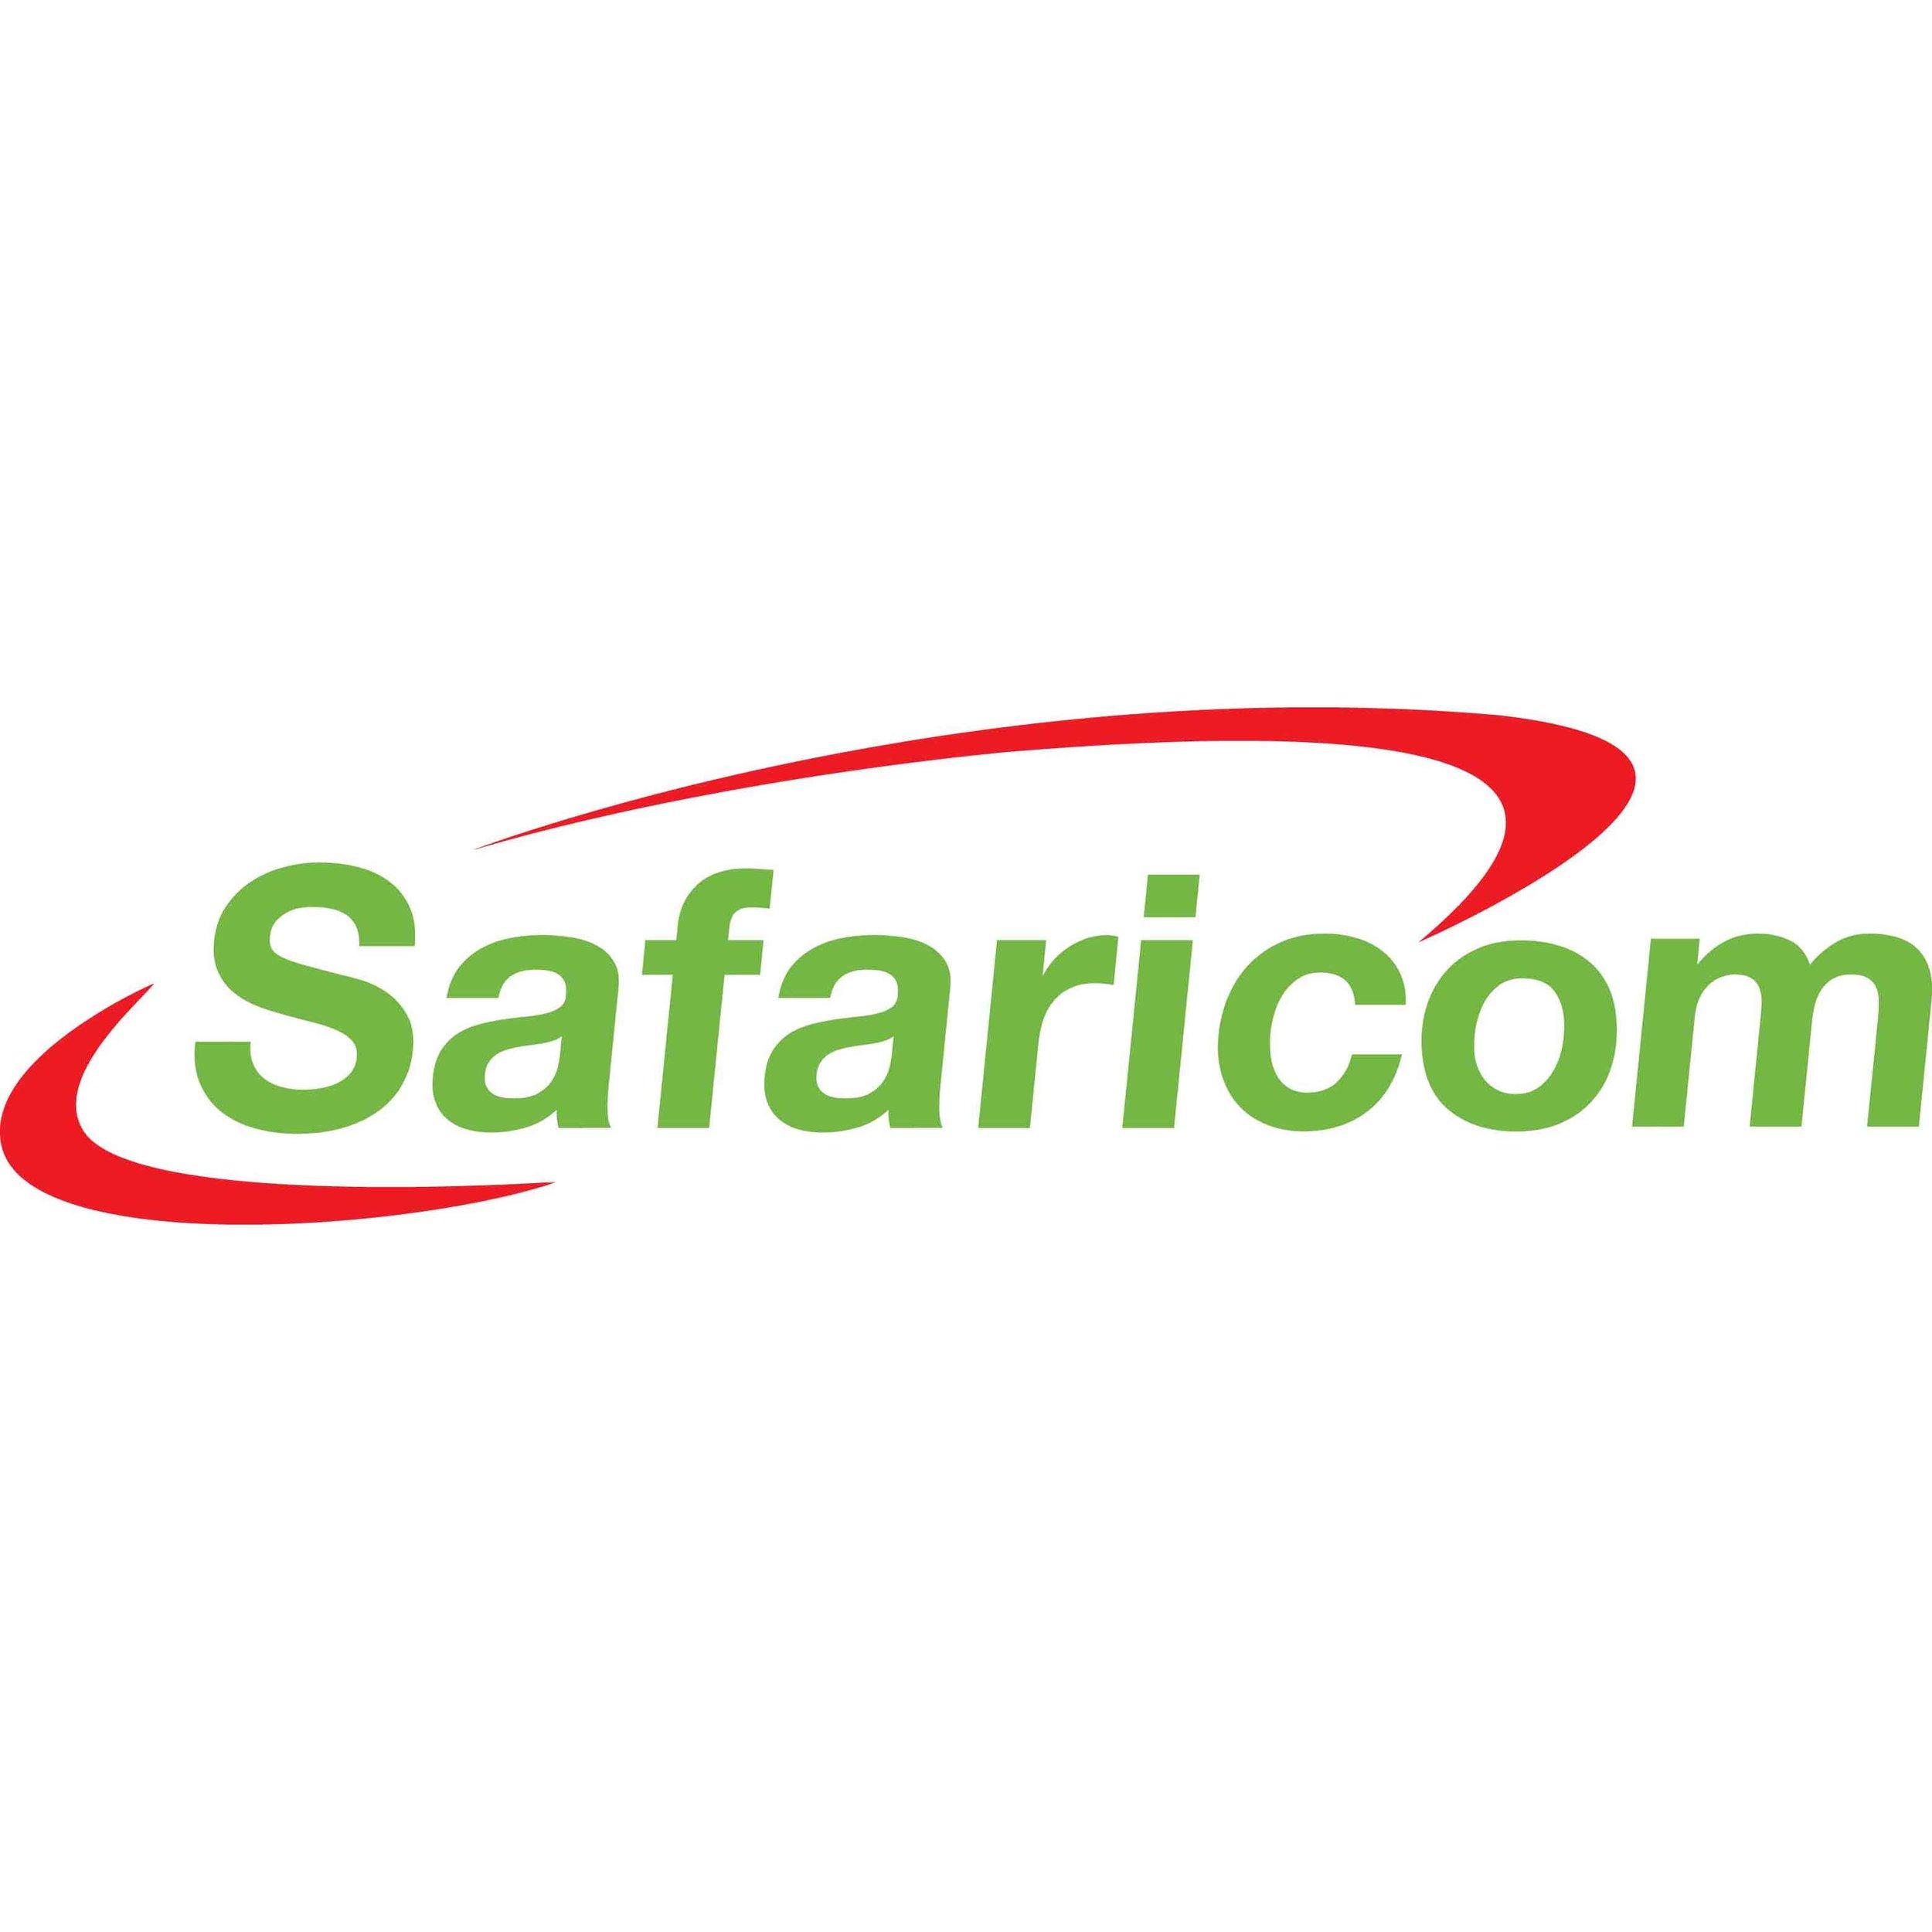 Safaricom Logo.jpg